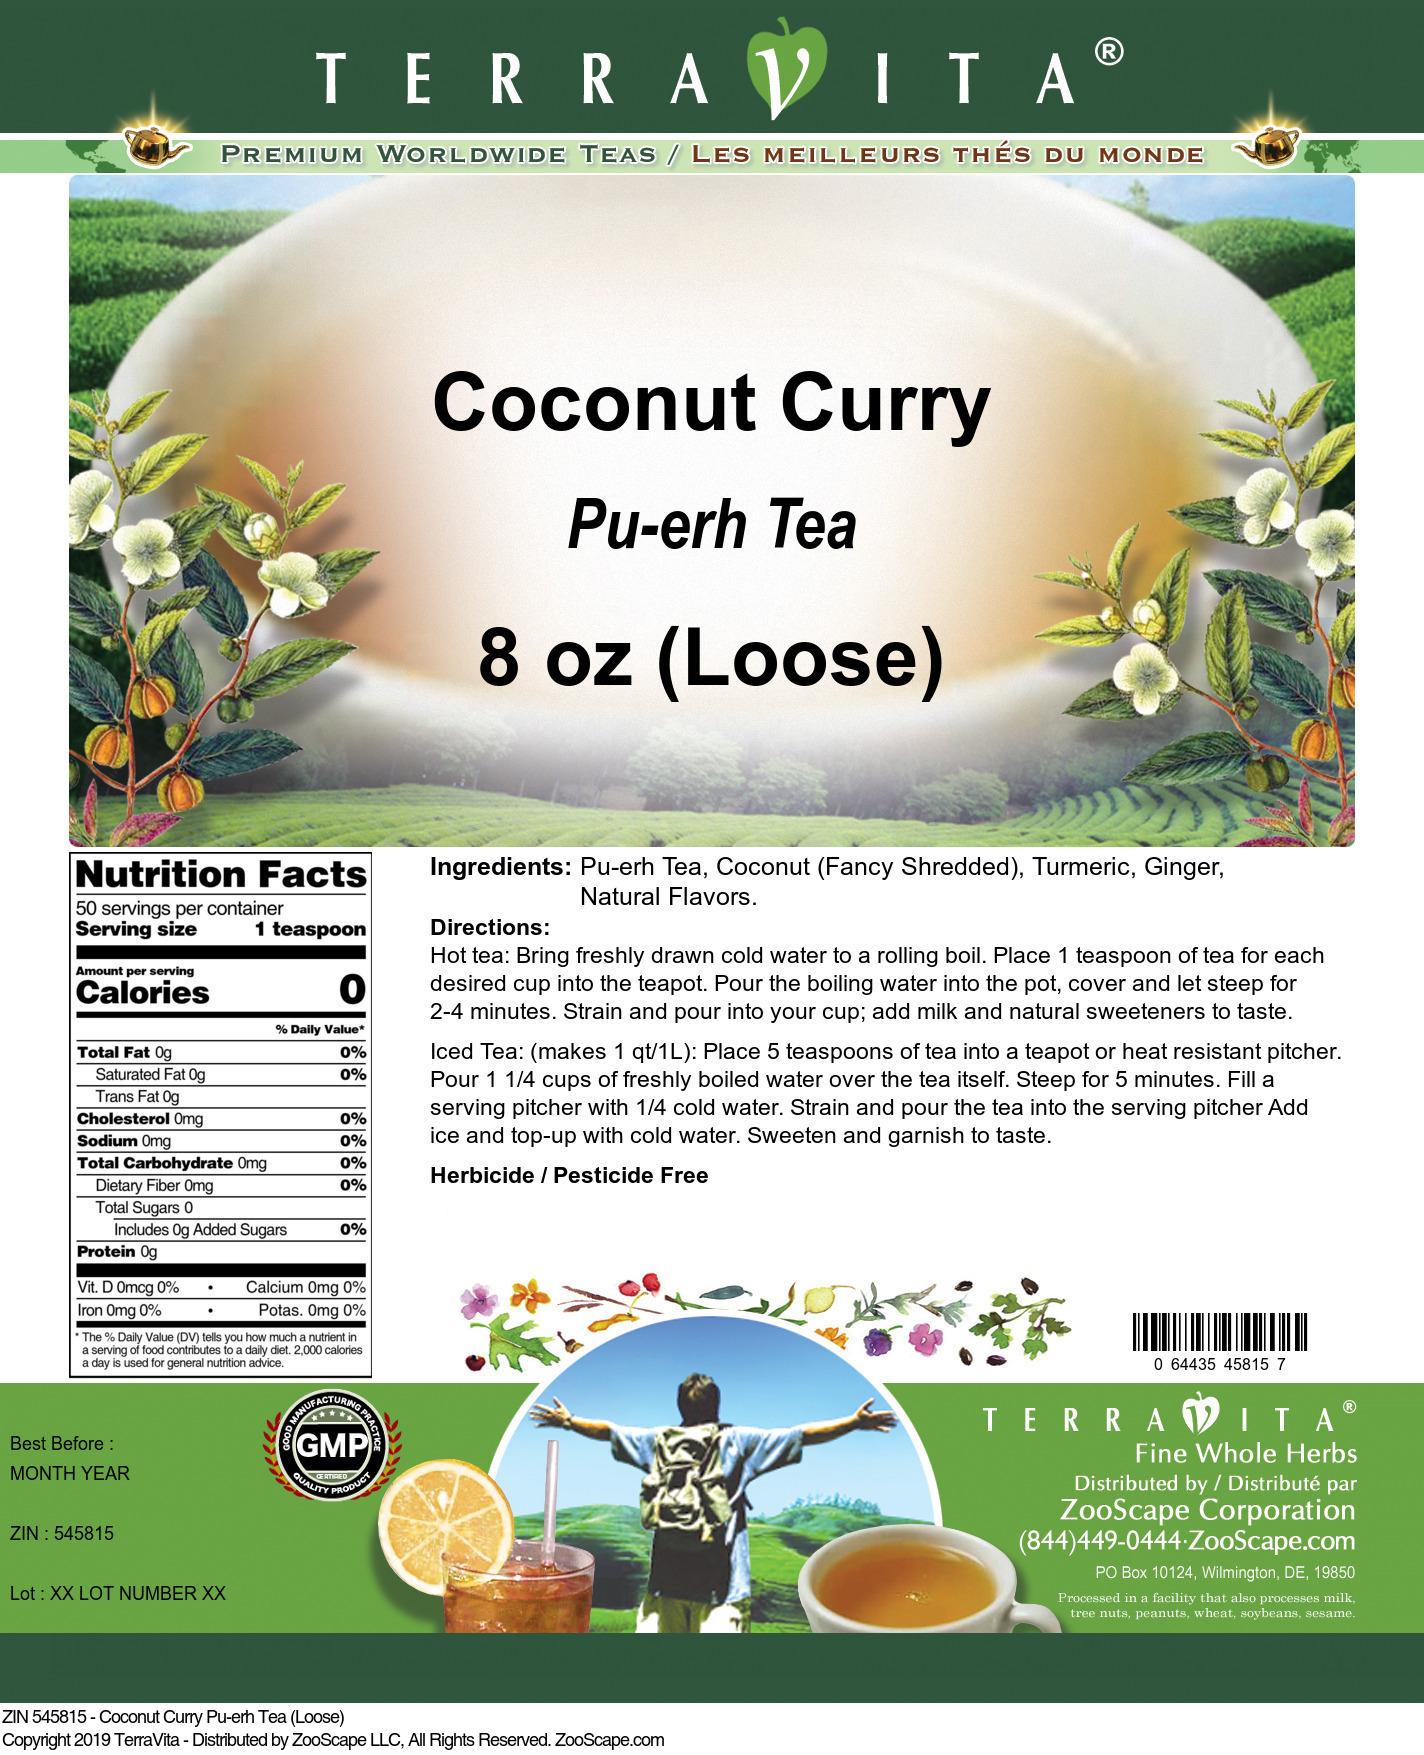 Coconut Curry Pu-erh Tea (Loose)